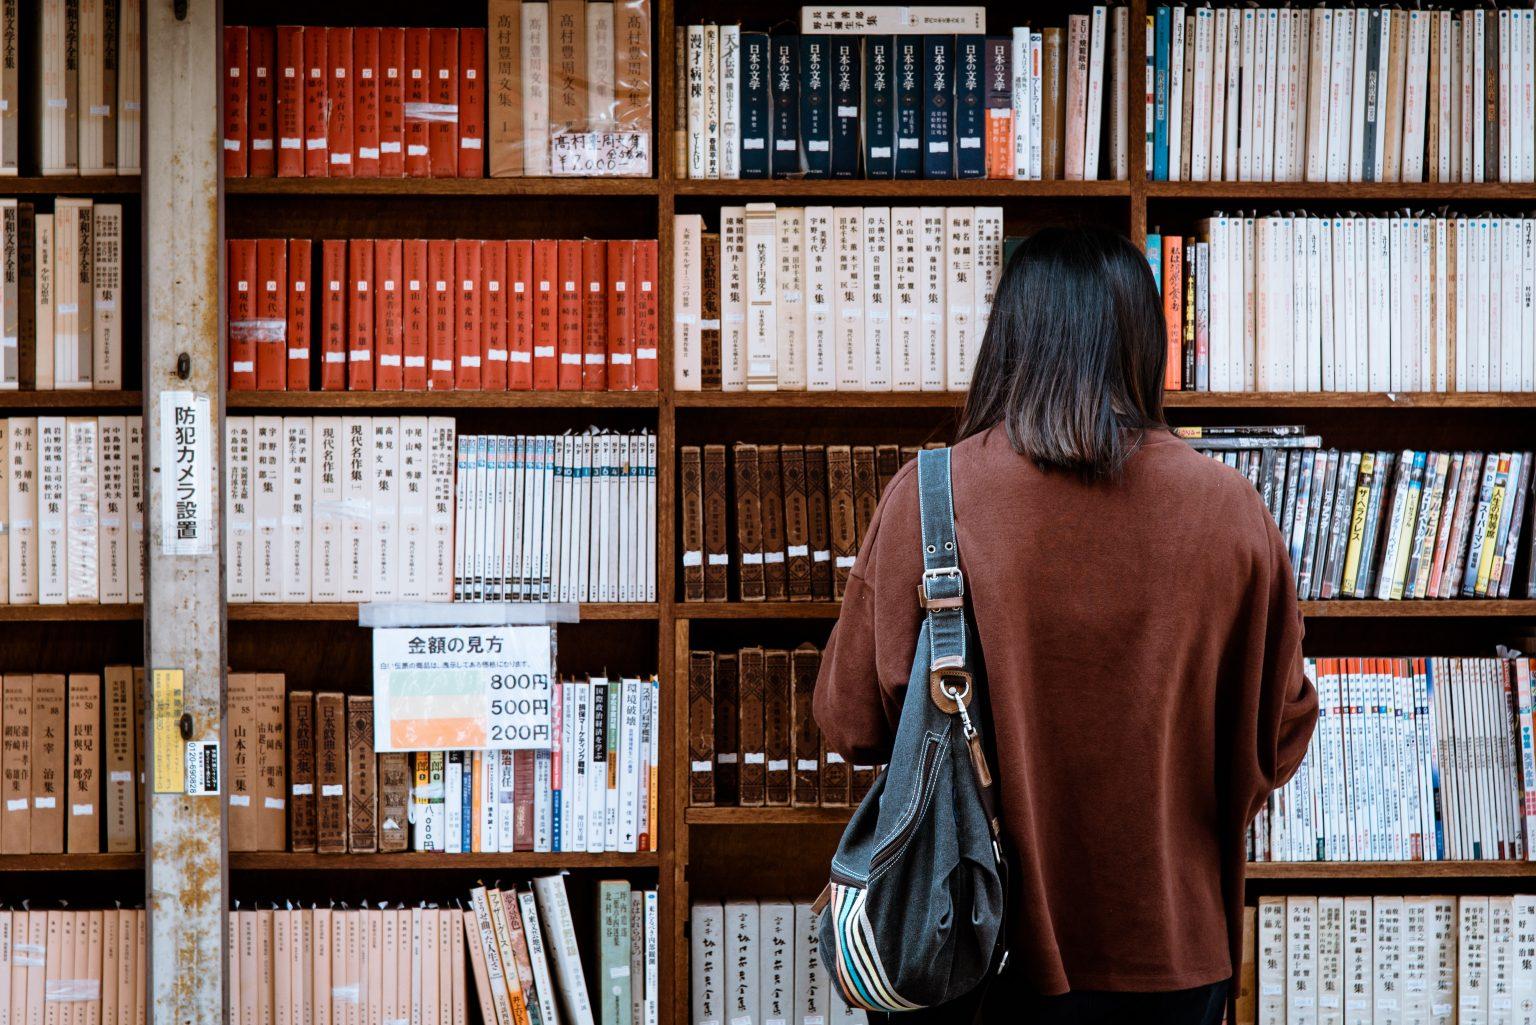 Libri Universitari Usati 1 Libreria Baldini - Comprare e vendere libri scolastici usati e nuovi